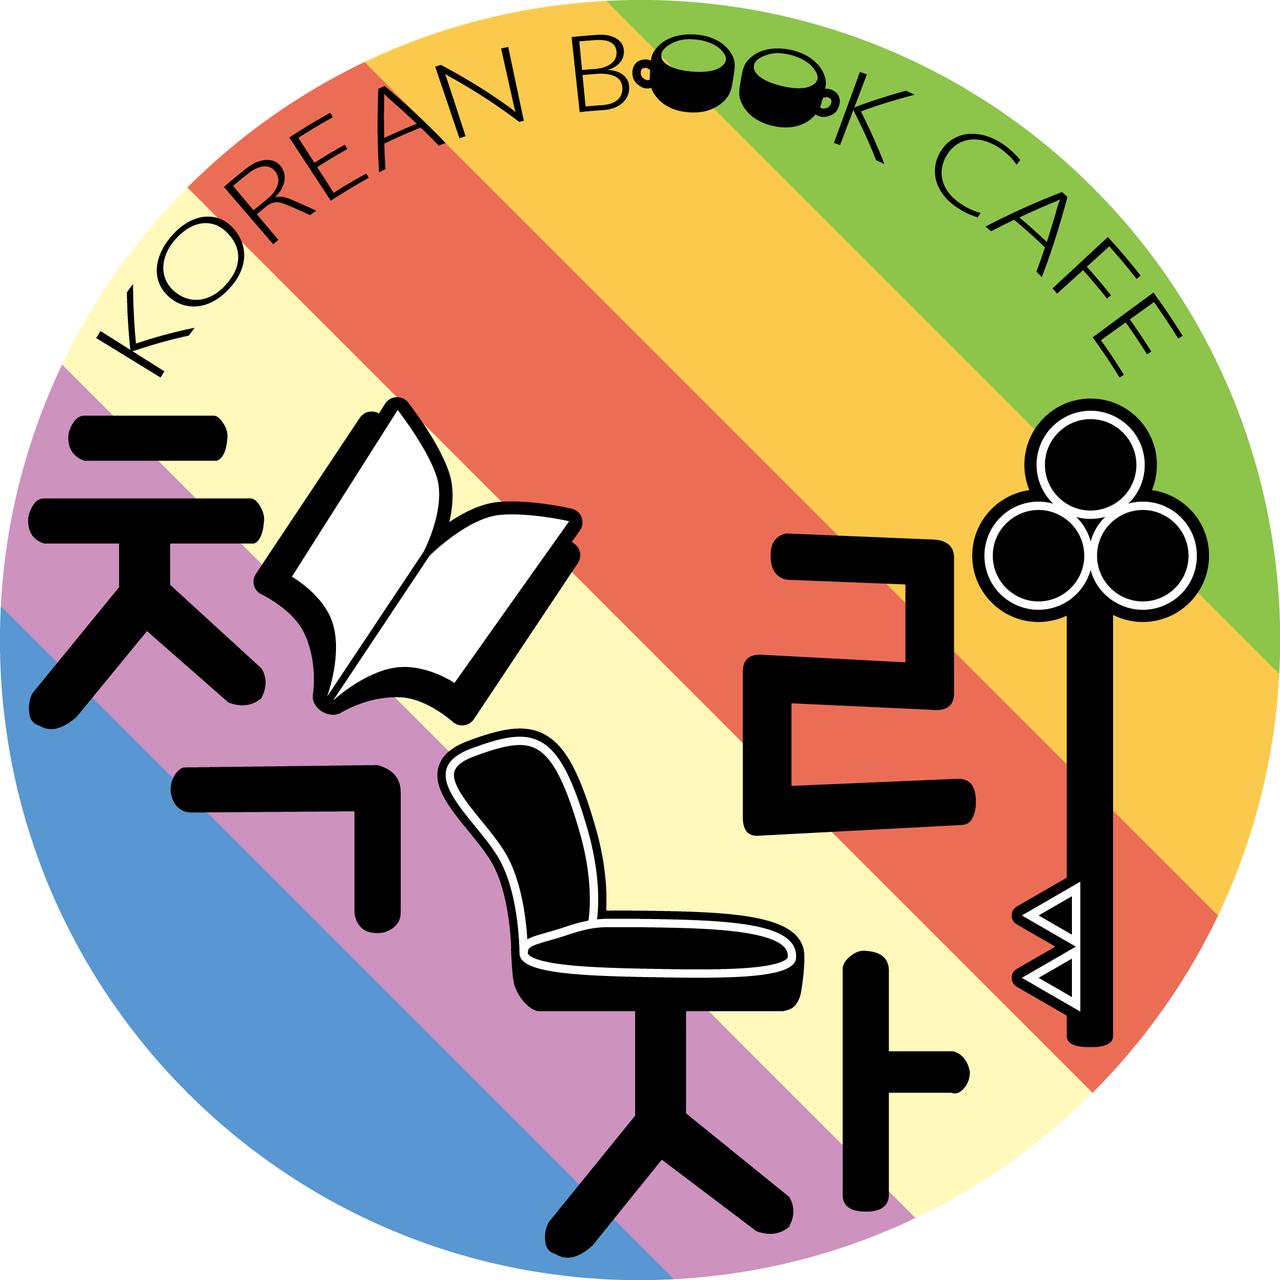 コリアンブックカフェ「ちぇっちゃり」のオープン(2017年8月~)